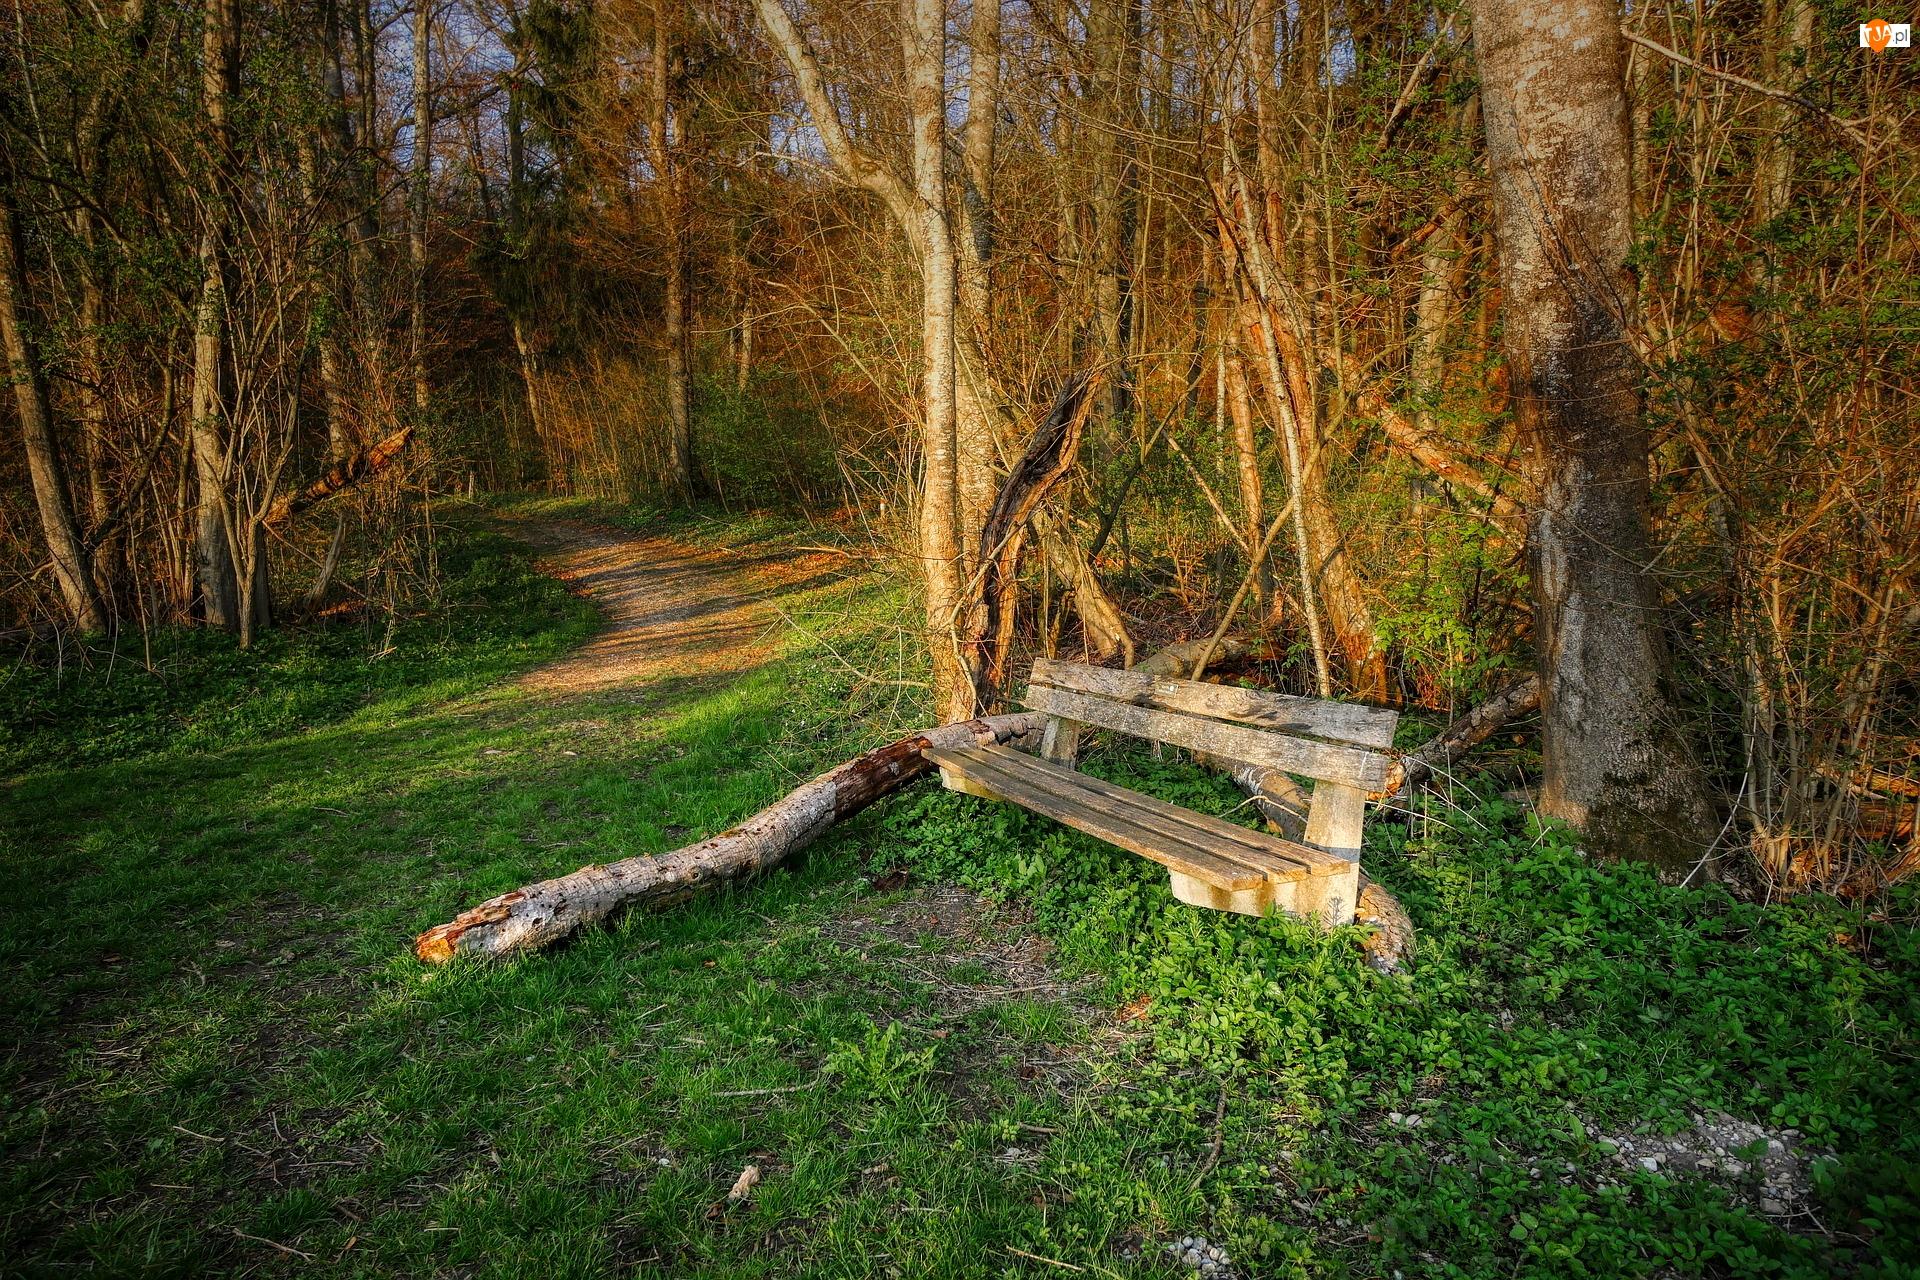 Ścieżka, Ławka, Las, Wiosna, Drzewa